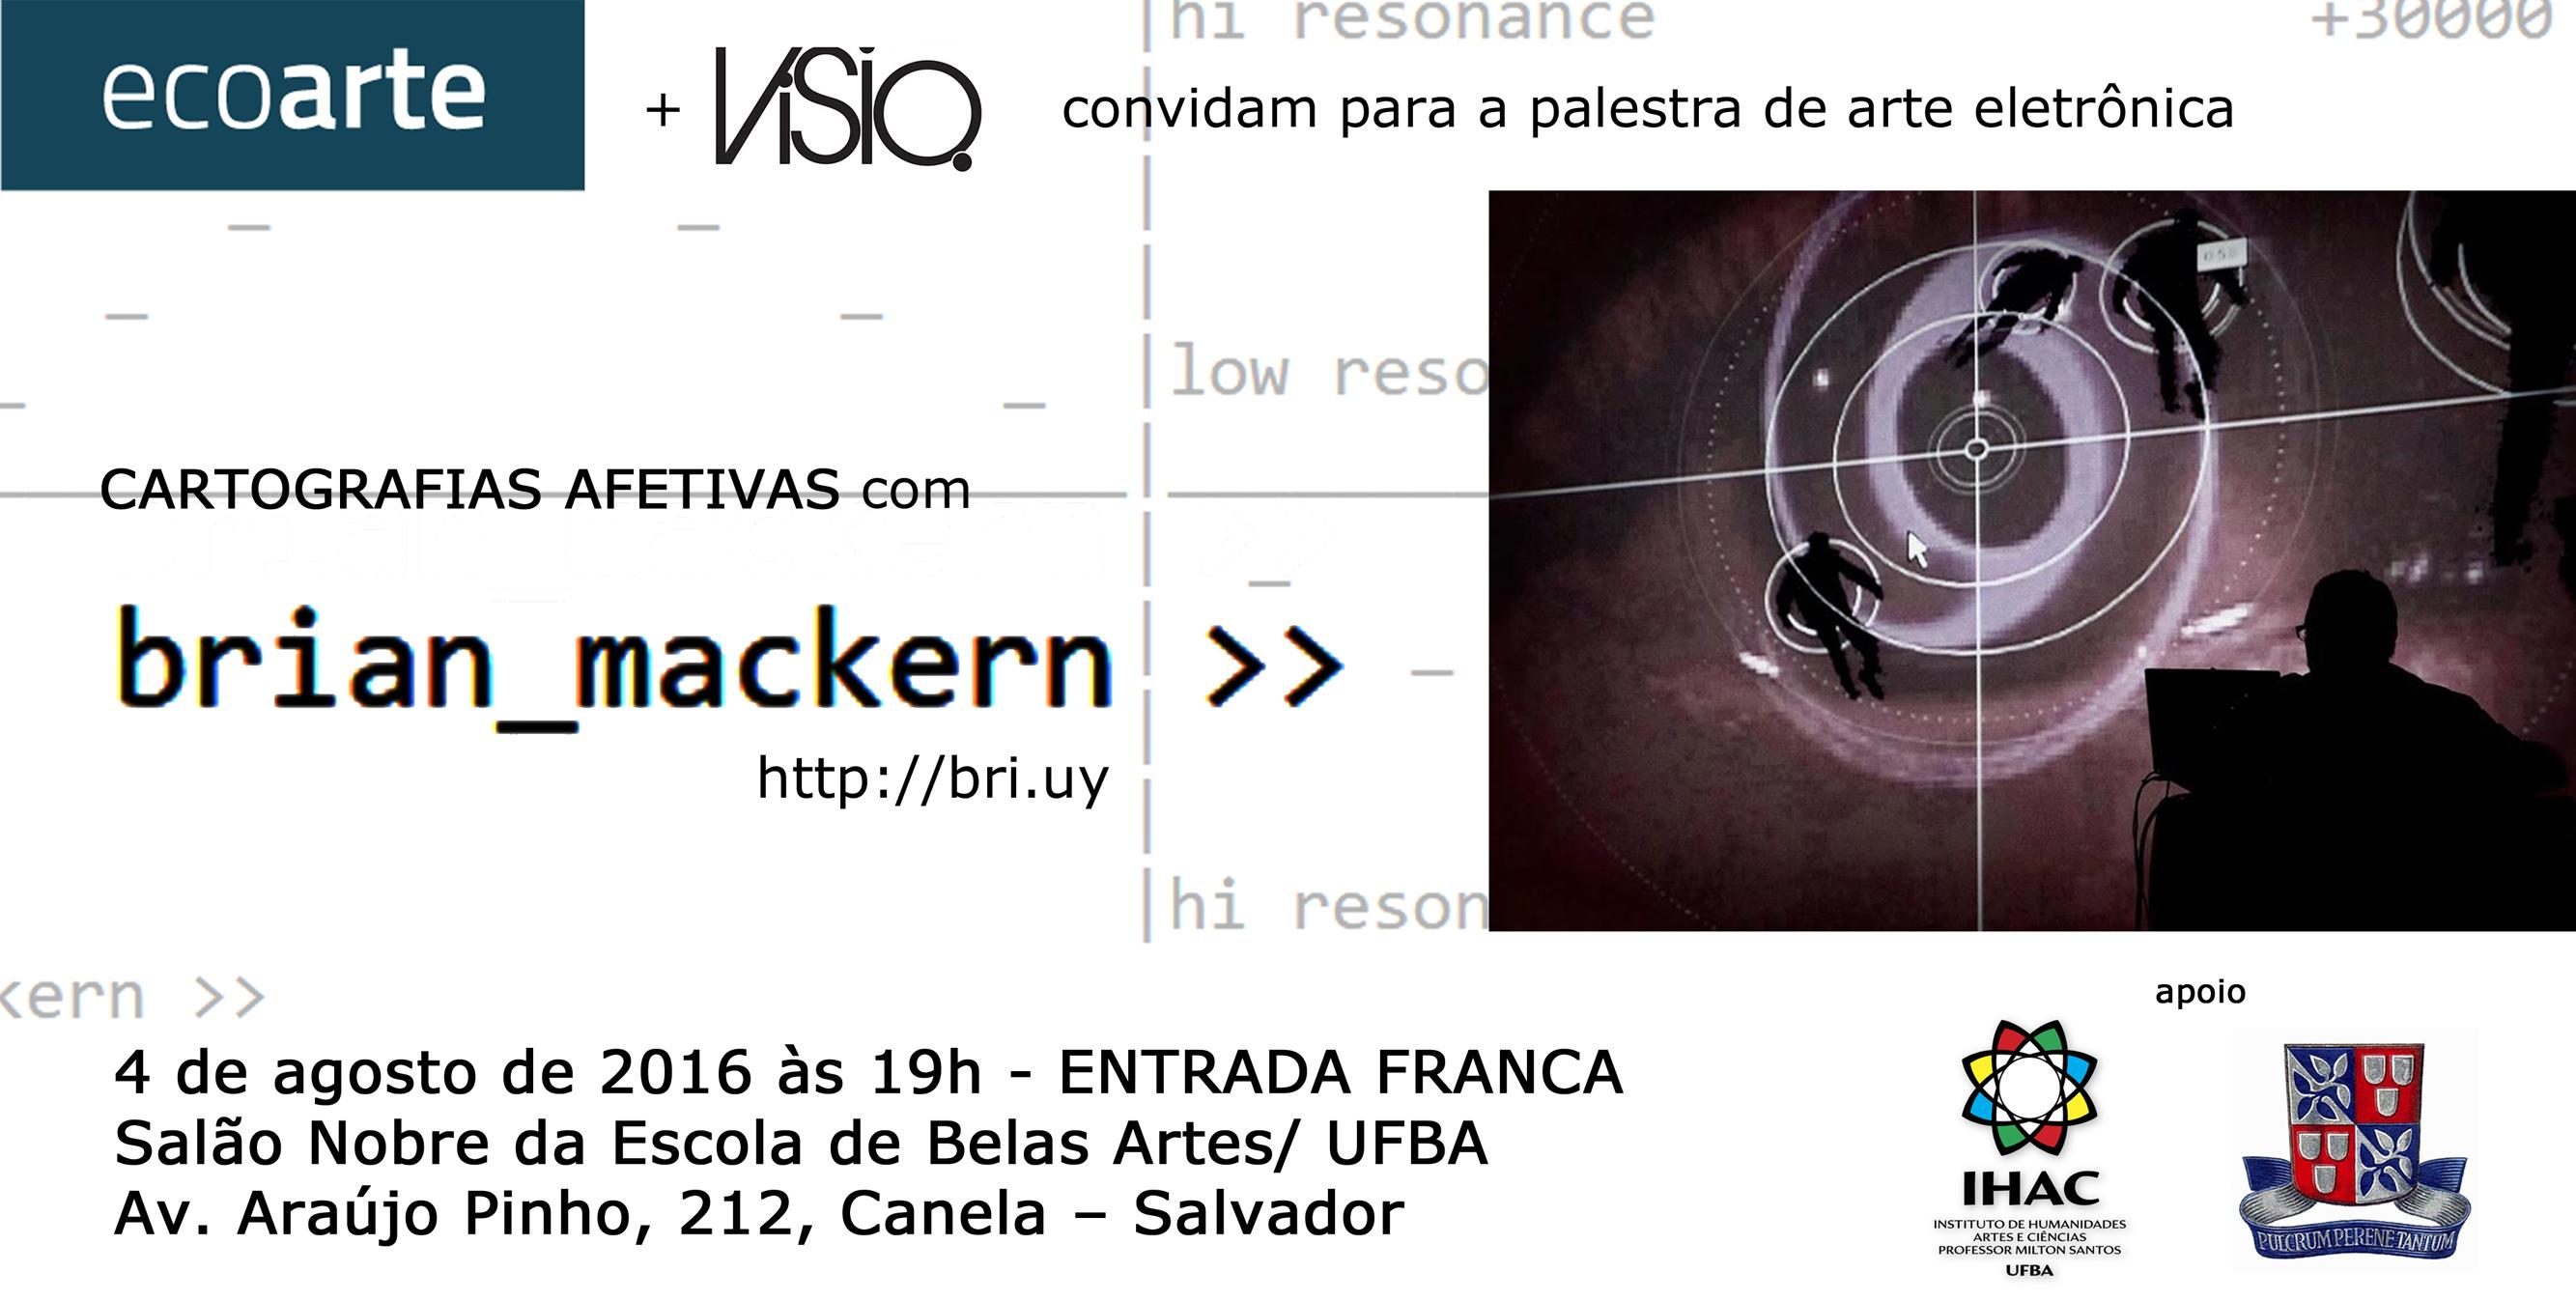 Ecoarte e Atelier Coletivo VISIO. convidam para a palestra de arte eletrônica com Brian Mackern (Uruguai).